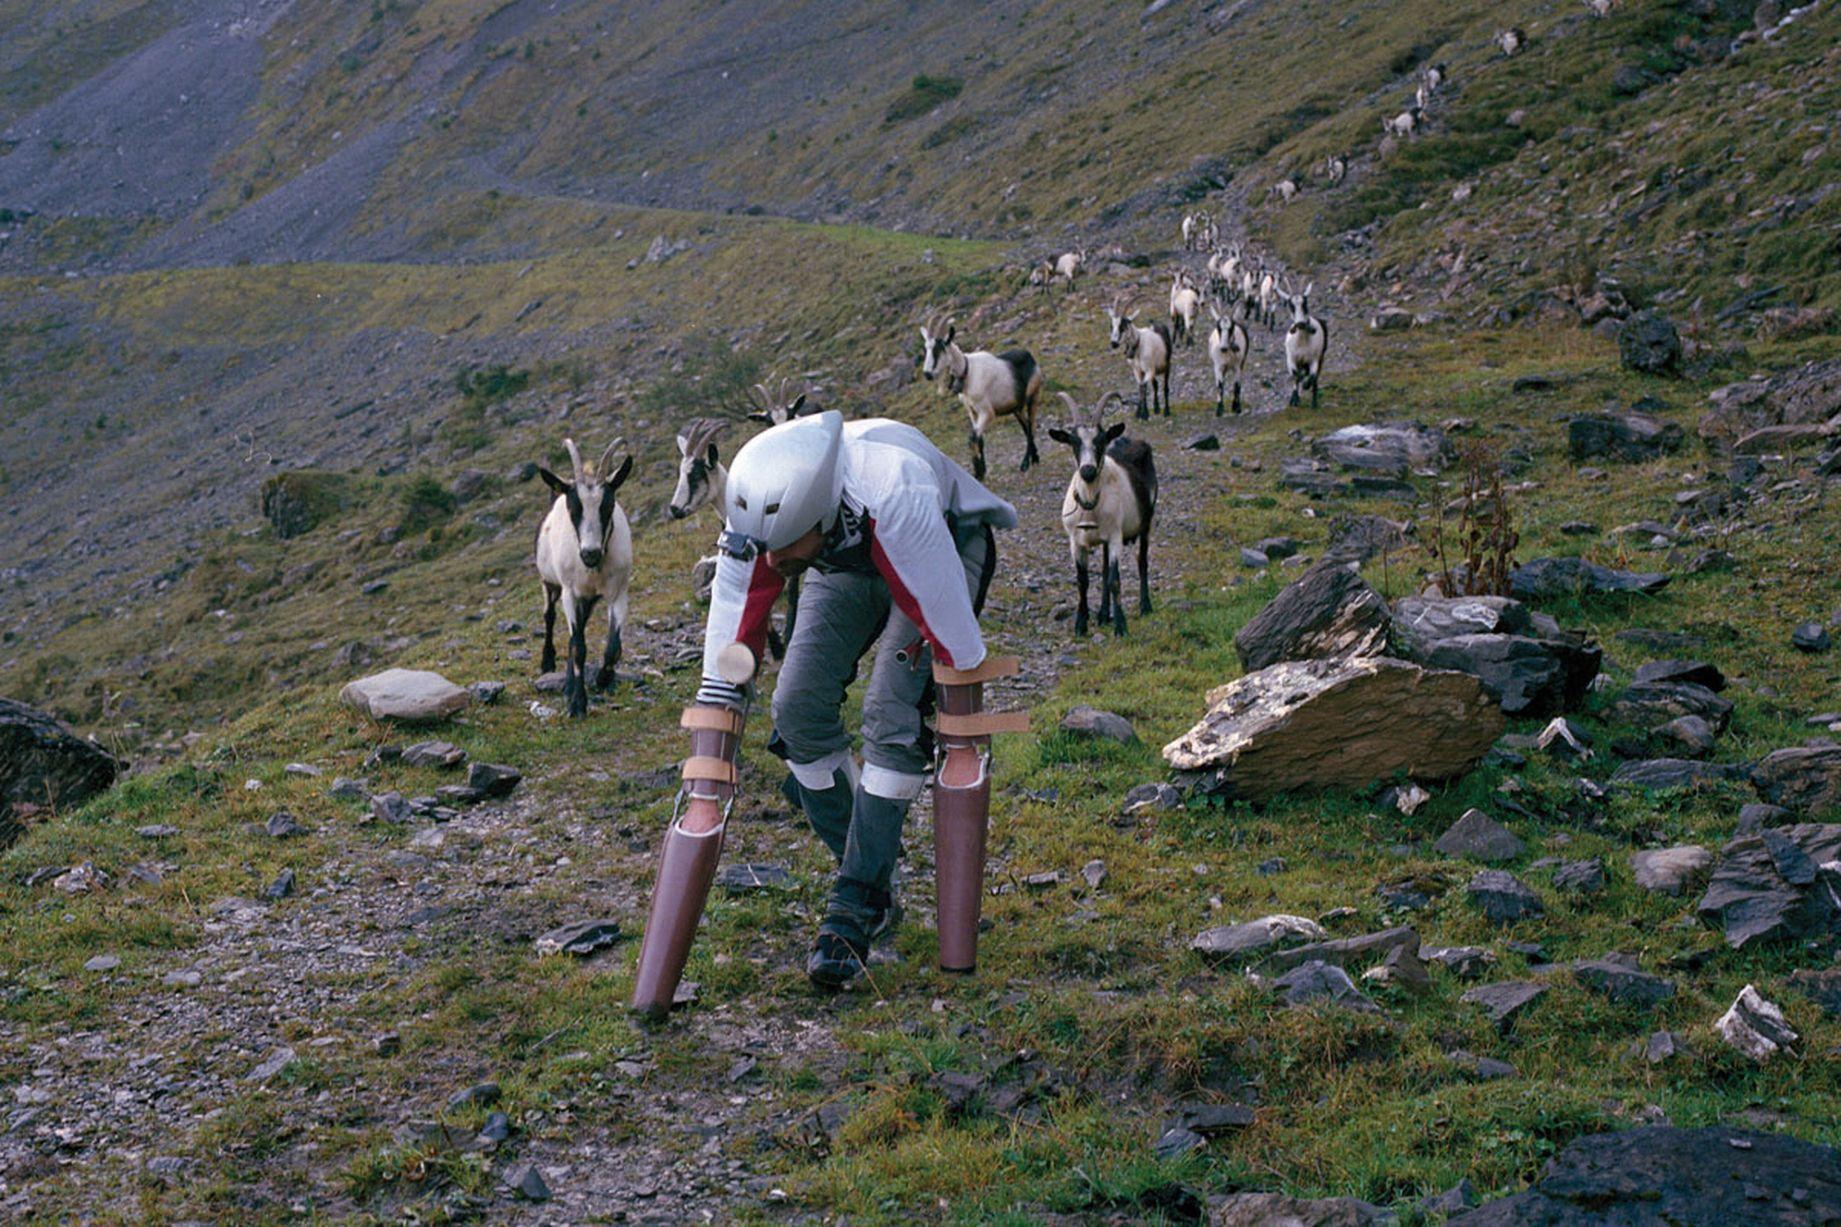 這個男子當人類當累了想要找尋一個更單純的人生,因此他就把自己變成了一隻山羊!